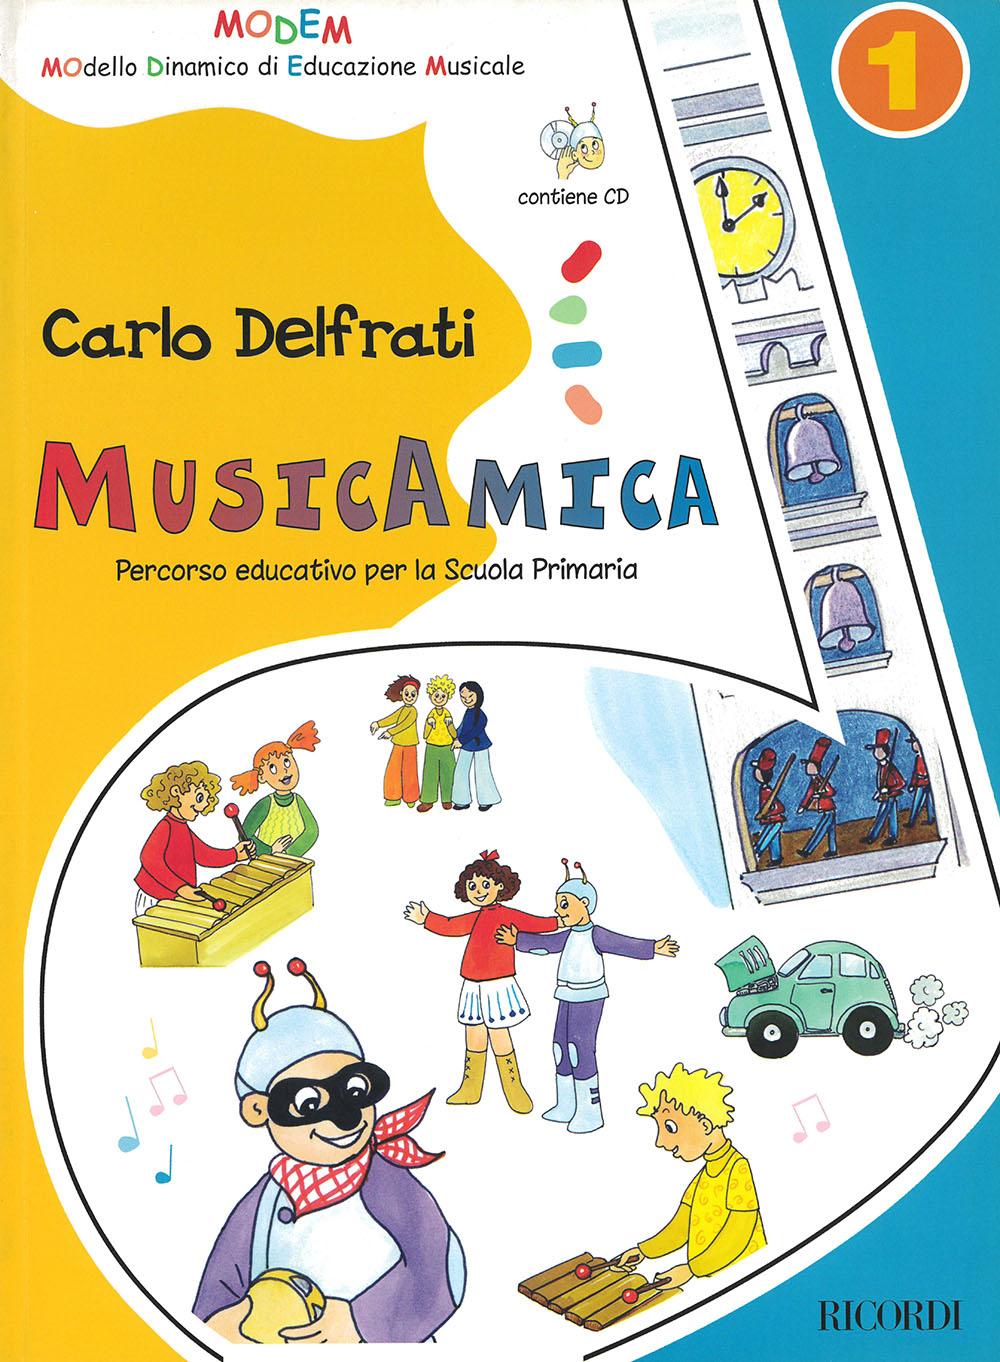 Carlo Delfrati: Musicamica 1